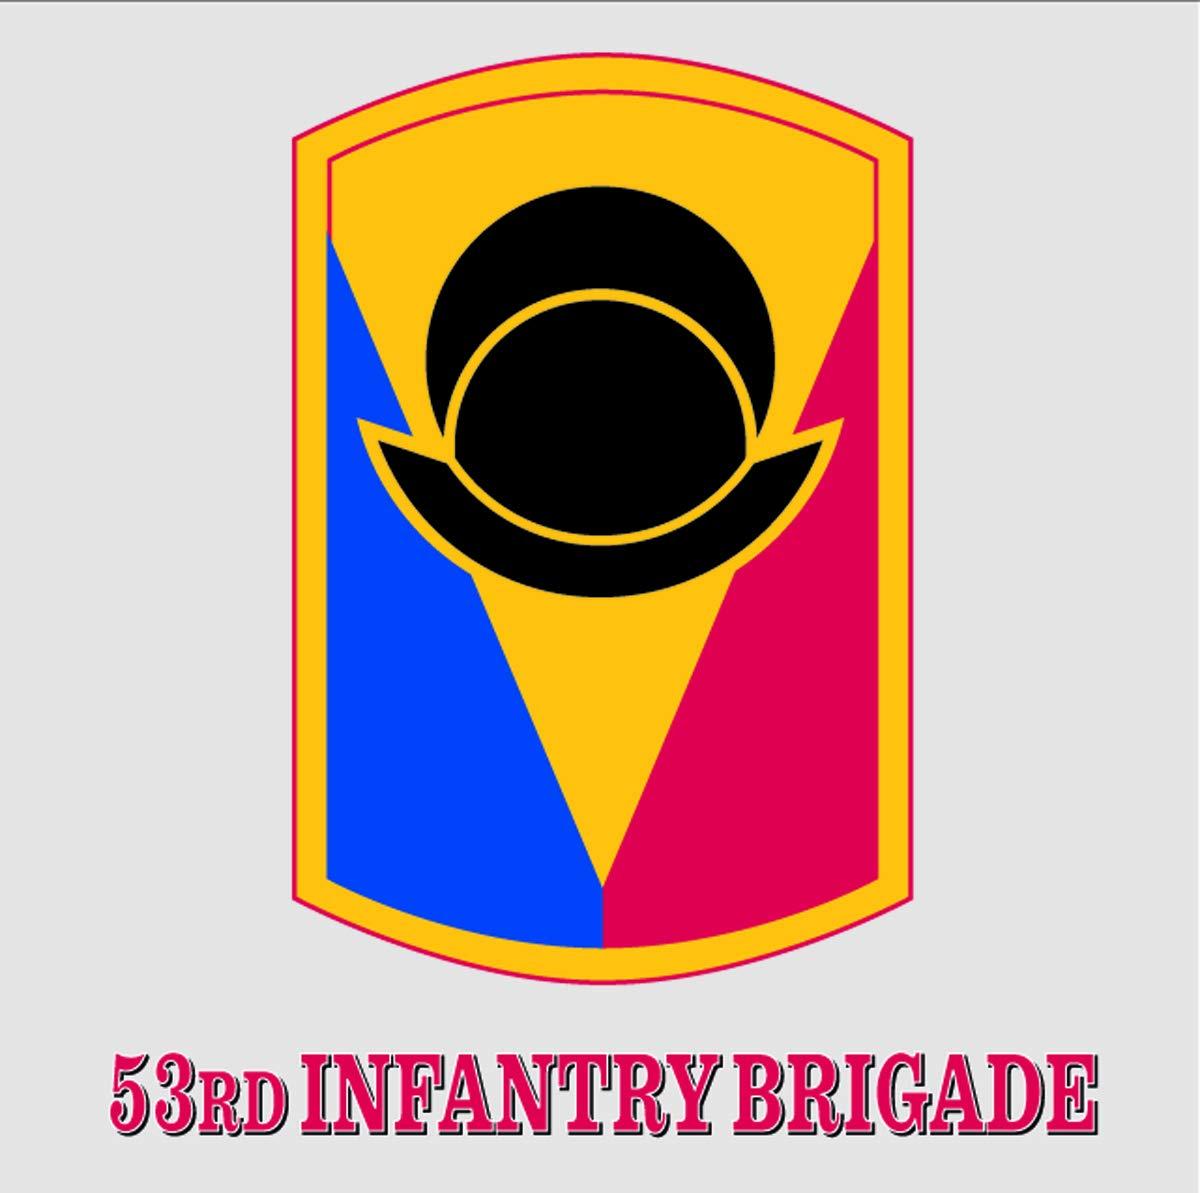 53rd Infantry Brigade パッチデカール B07GRD4522